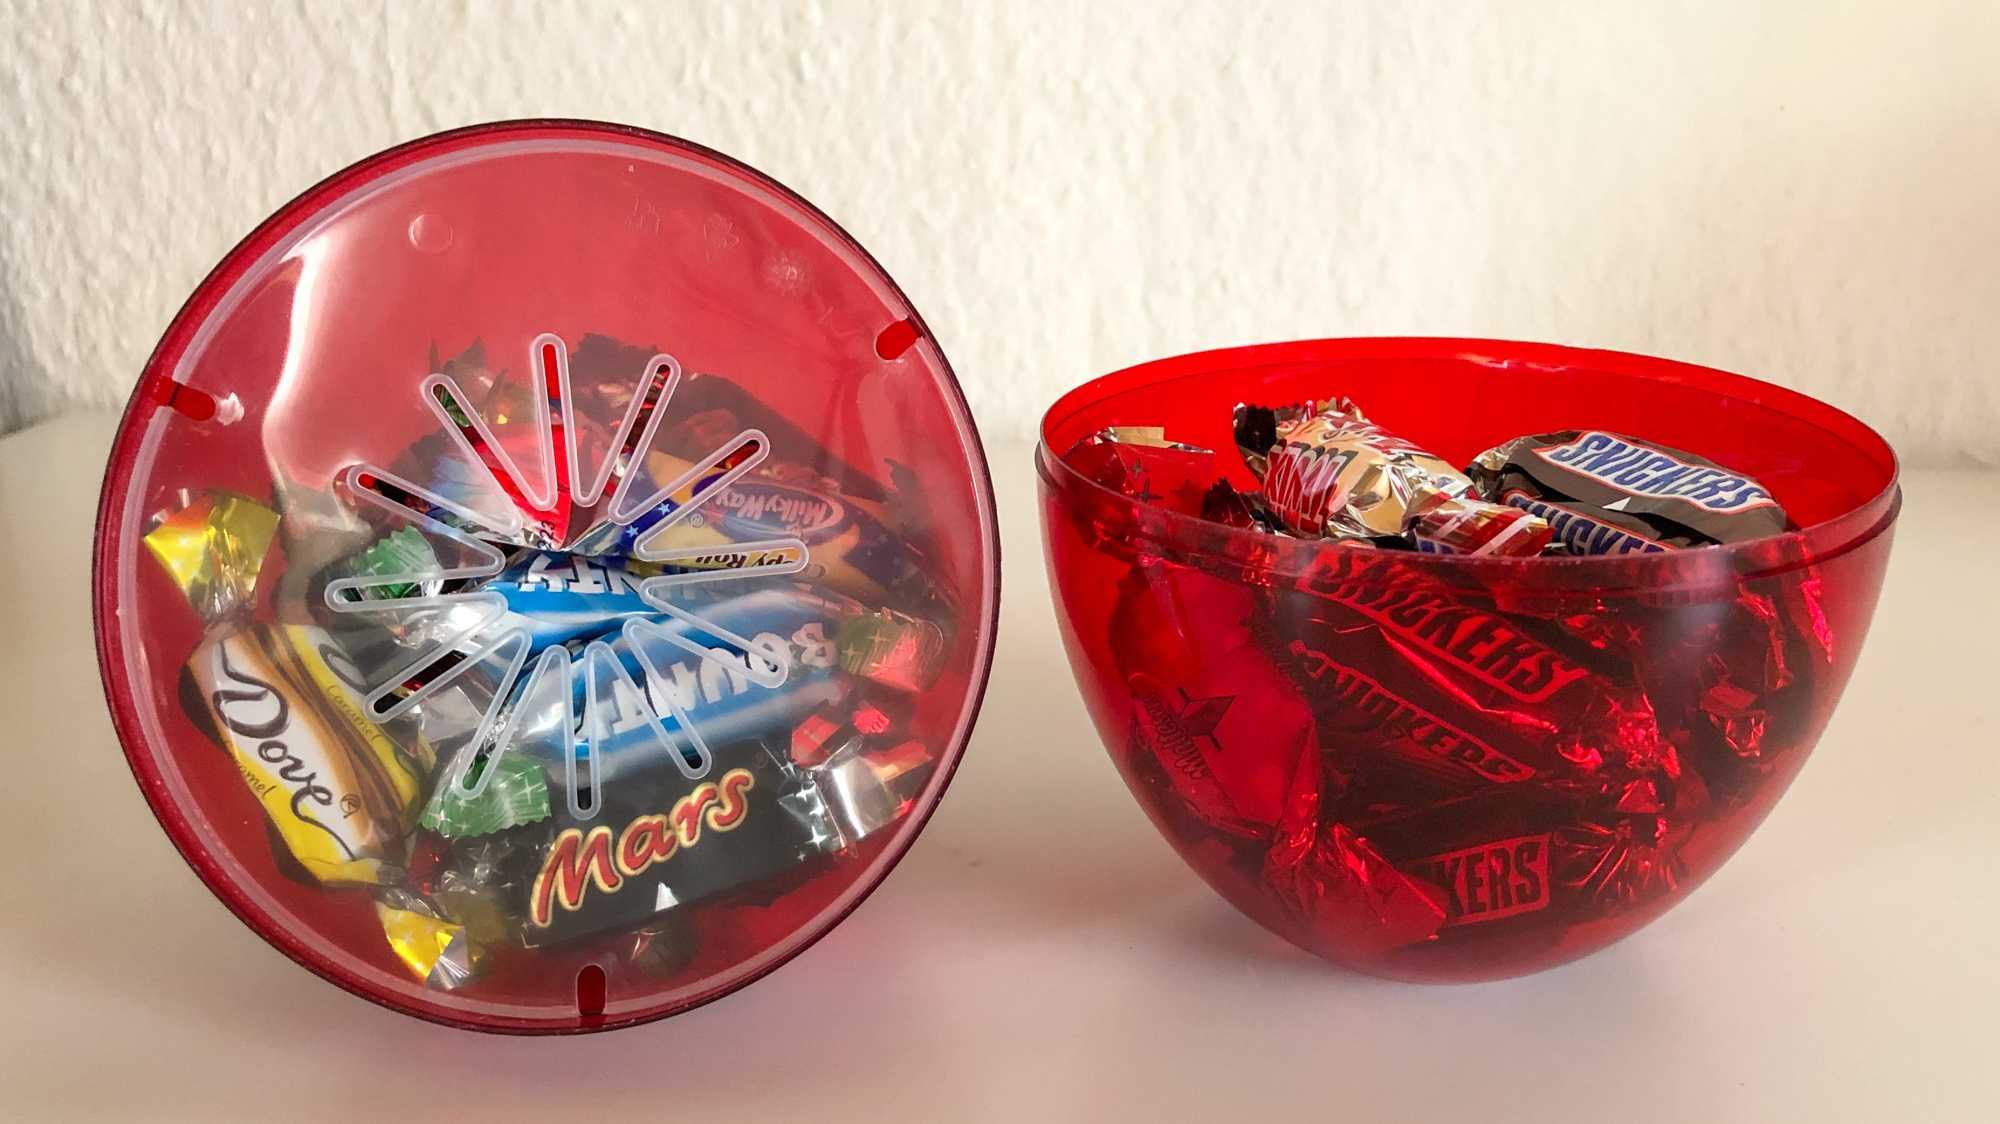 Geöffnetes Celebrations-Ei mit Süßigkeiten gefüllt.